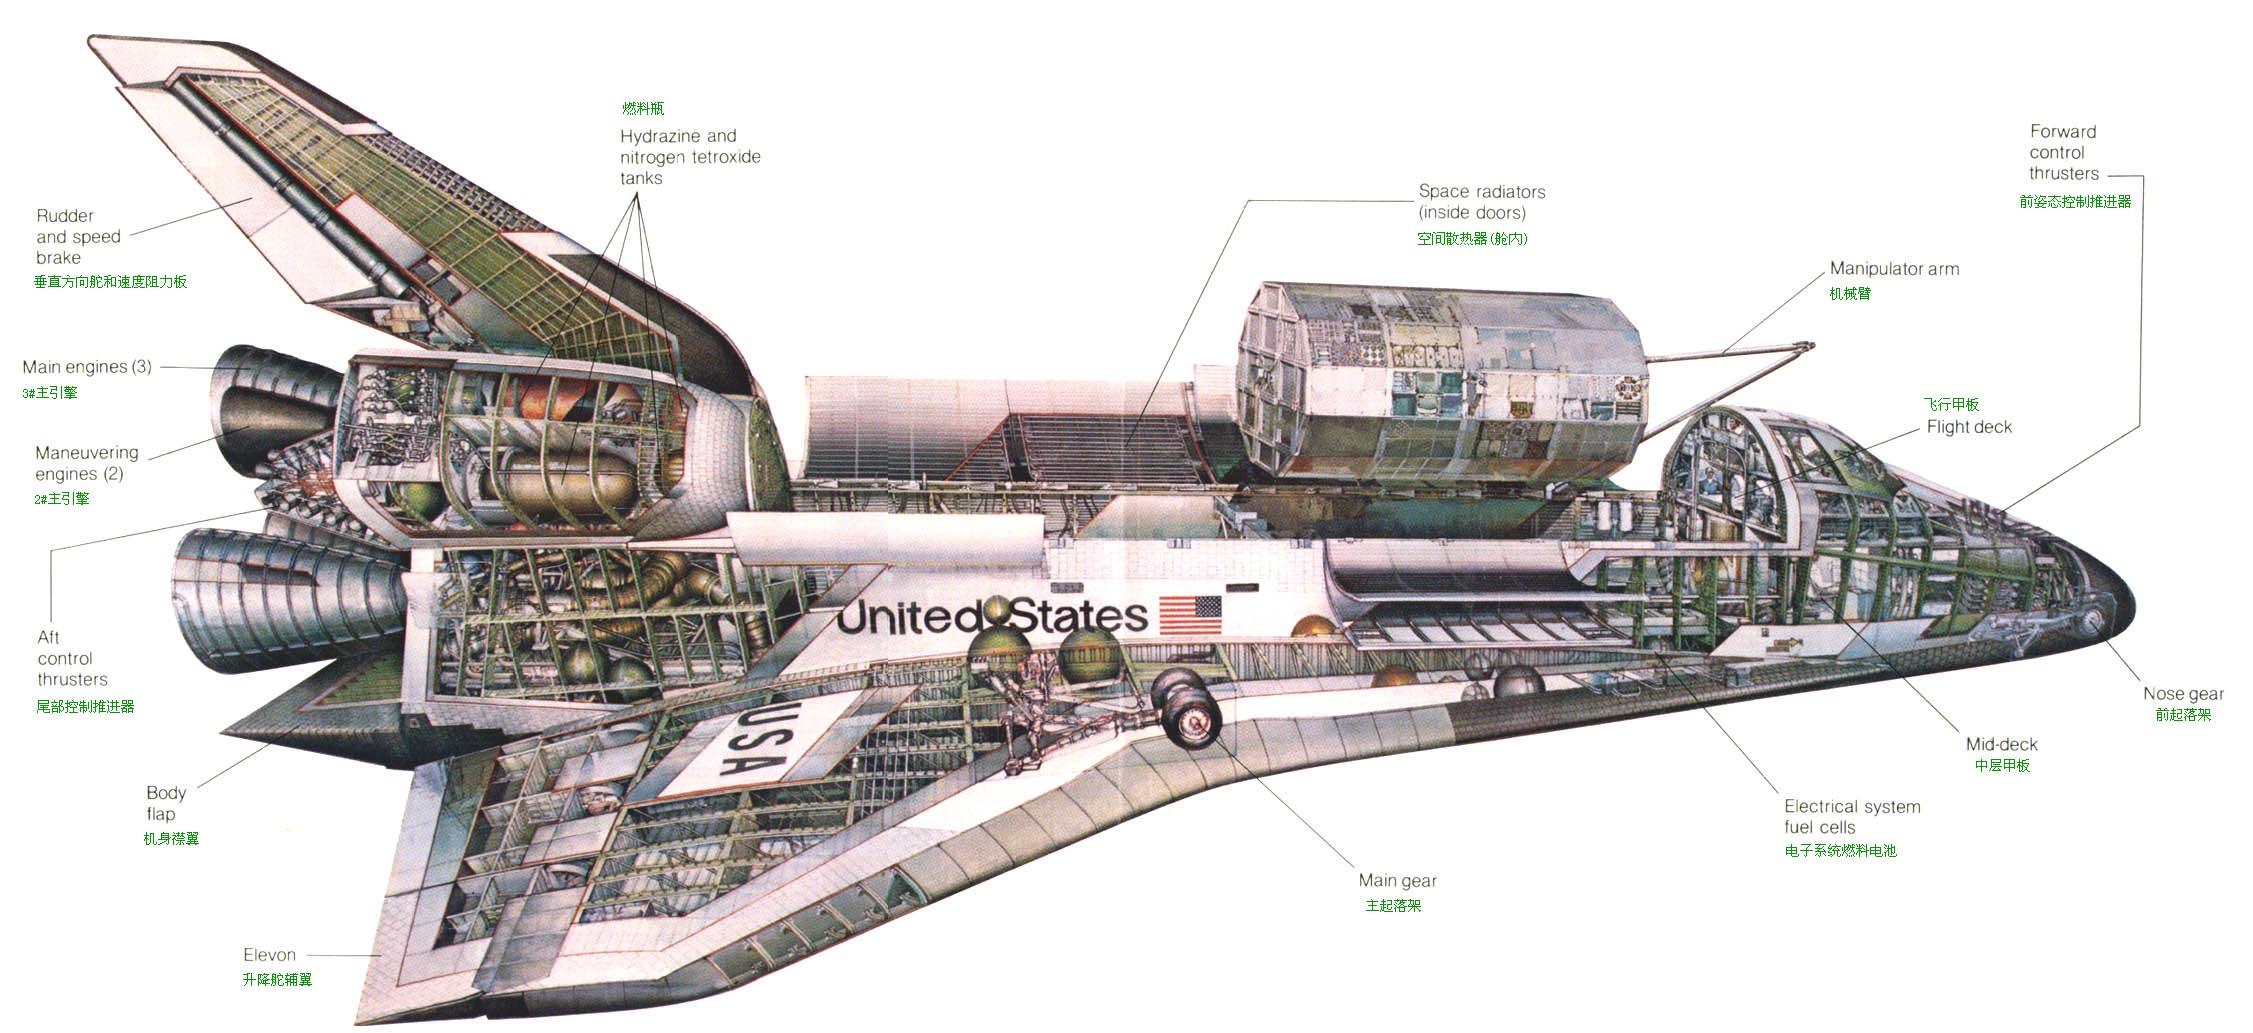 我非常喜欢美国的航天飞机,非常想获得更多的美国航天